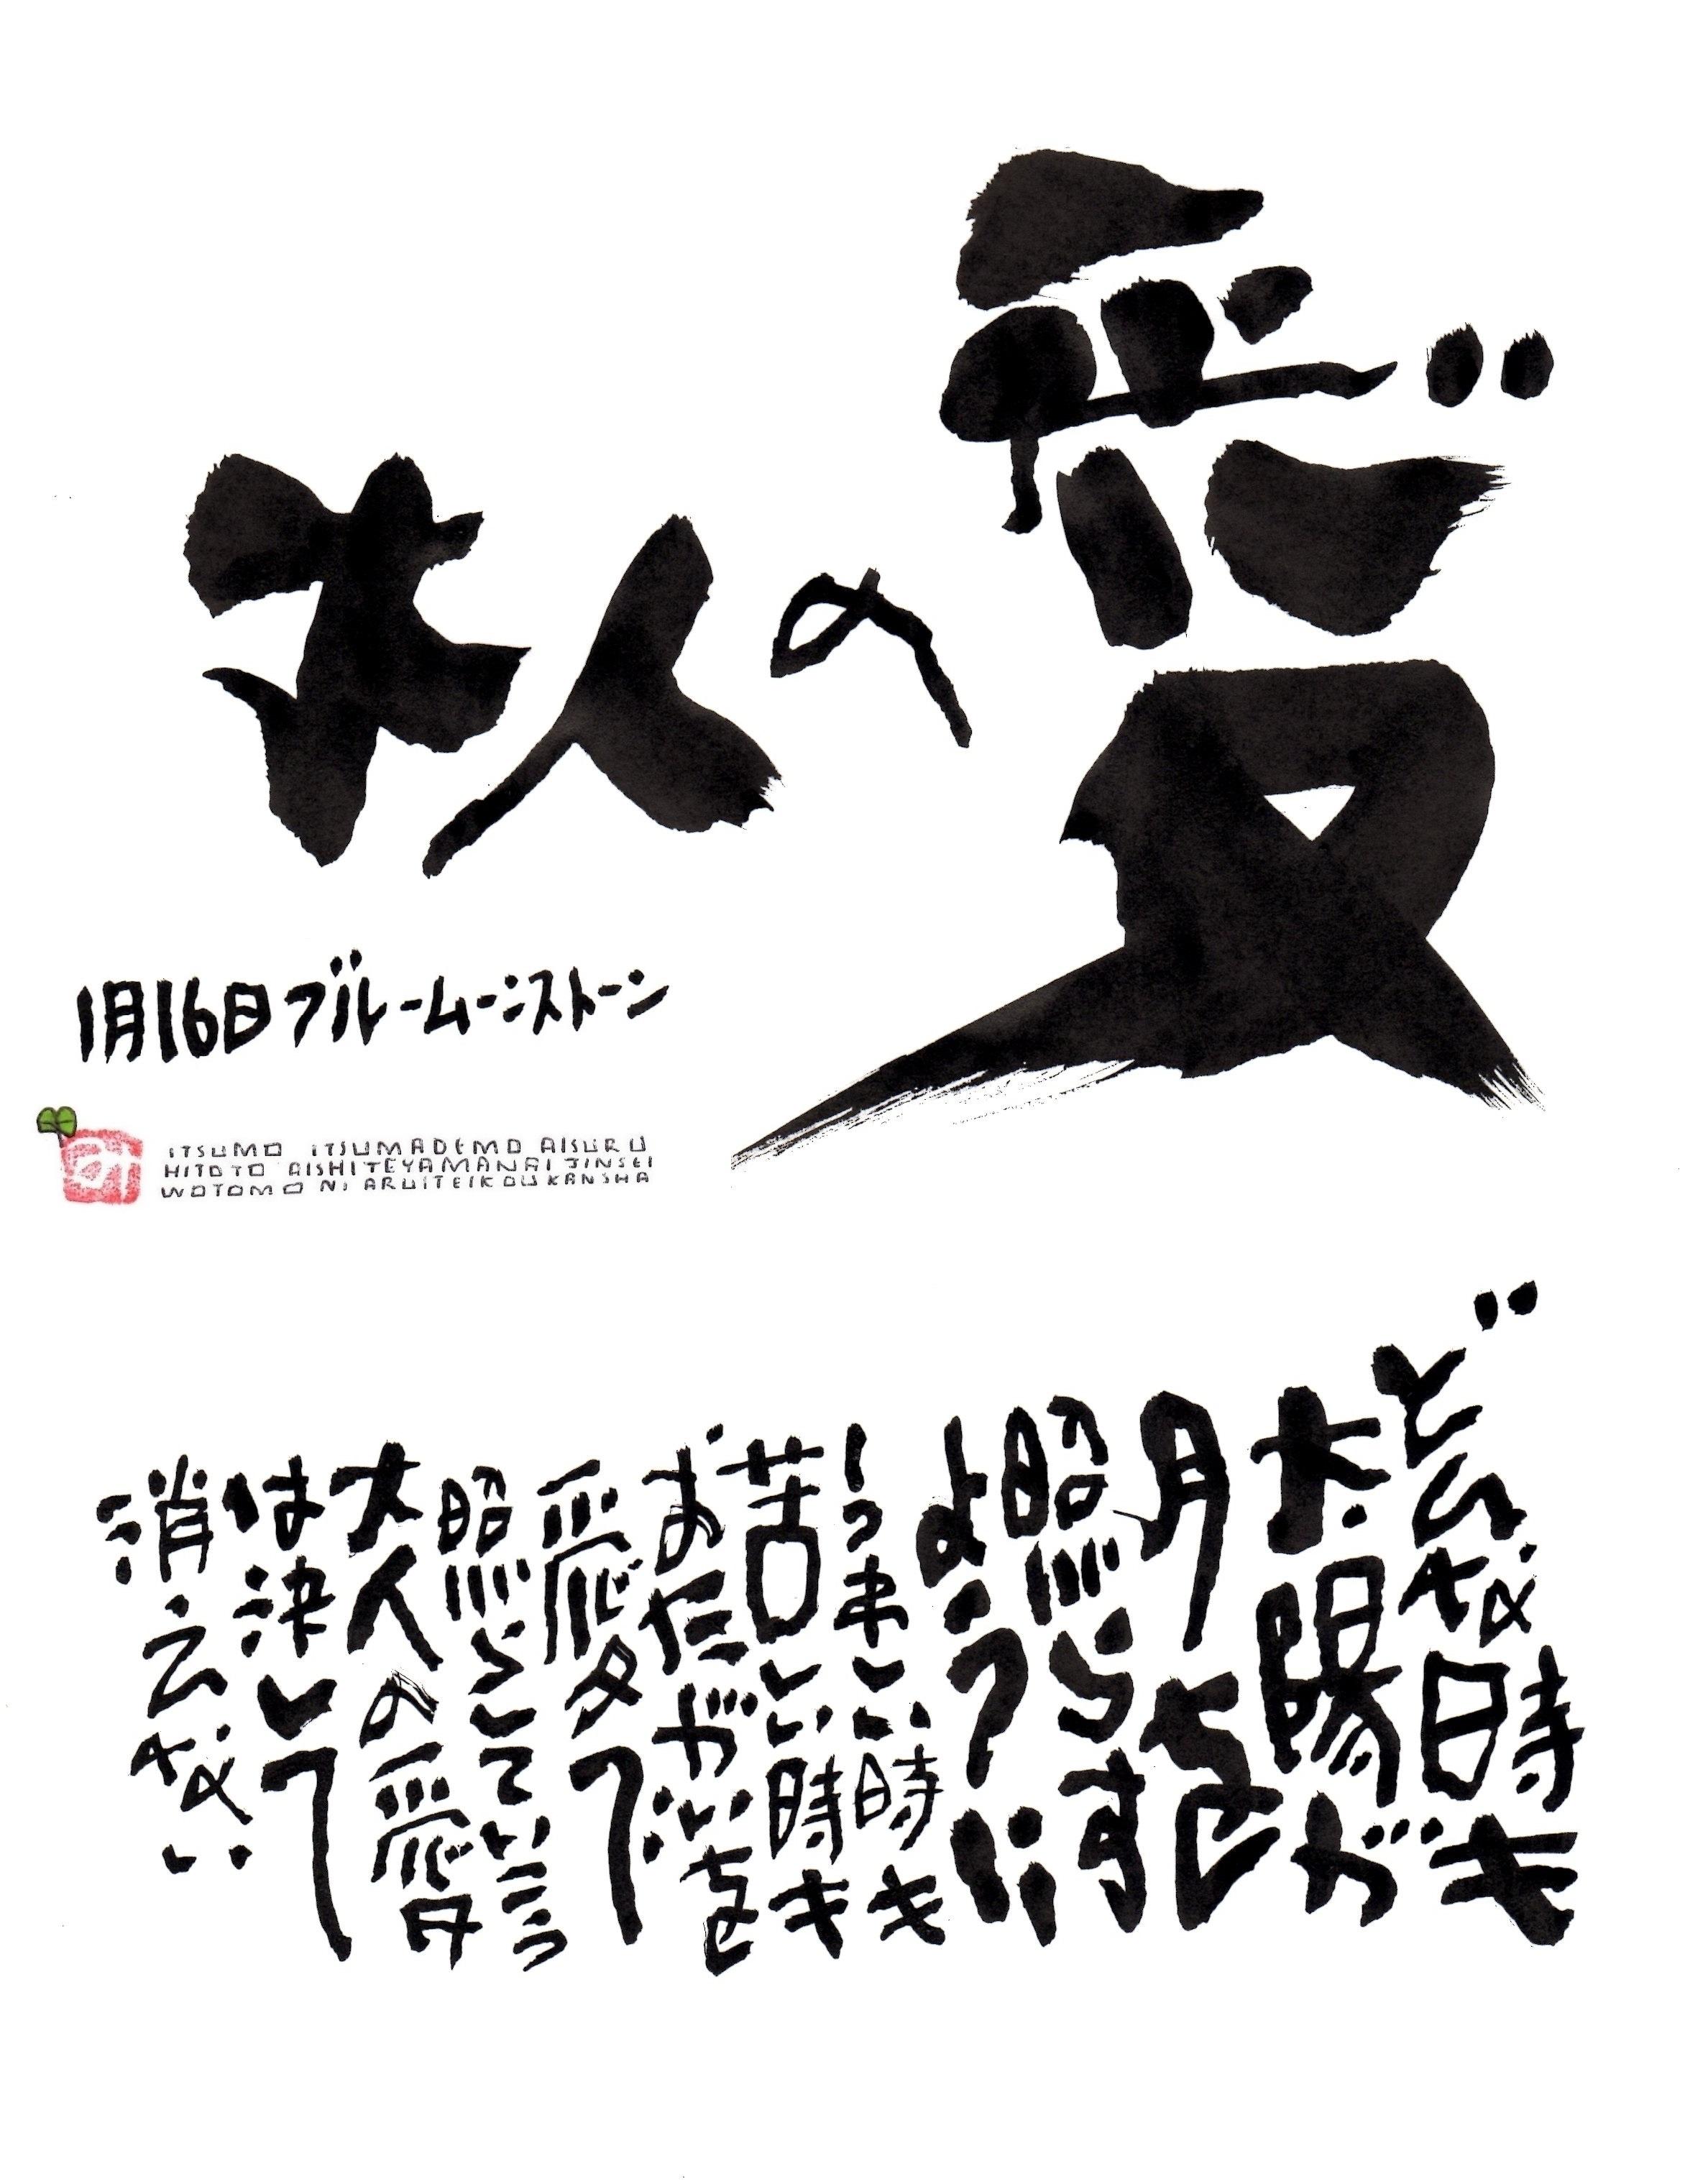 1月16日 結婚記念日ポストカード 【大人の愛】